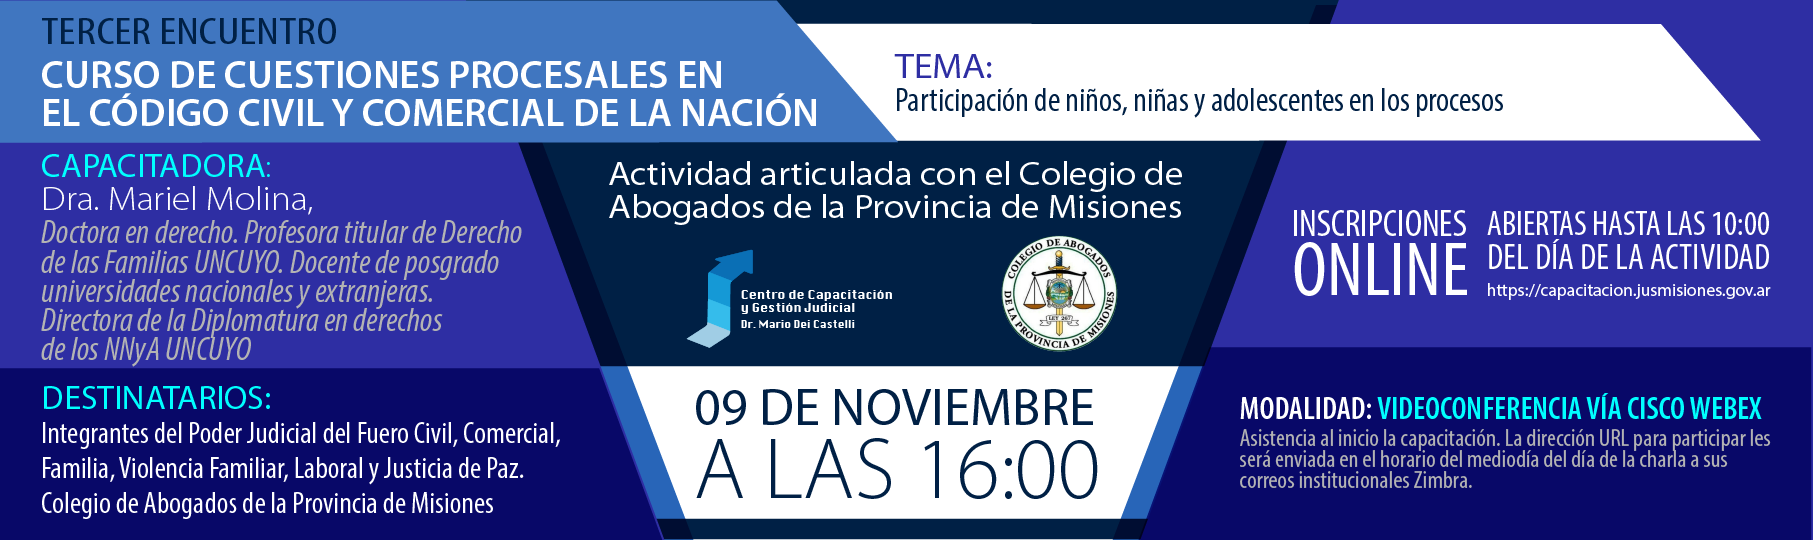 Tercert Encuentro: Curso de Cuestiones Procesales en el Código Civil y Comercial de la Nación